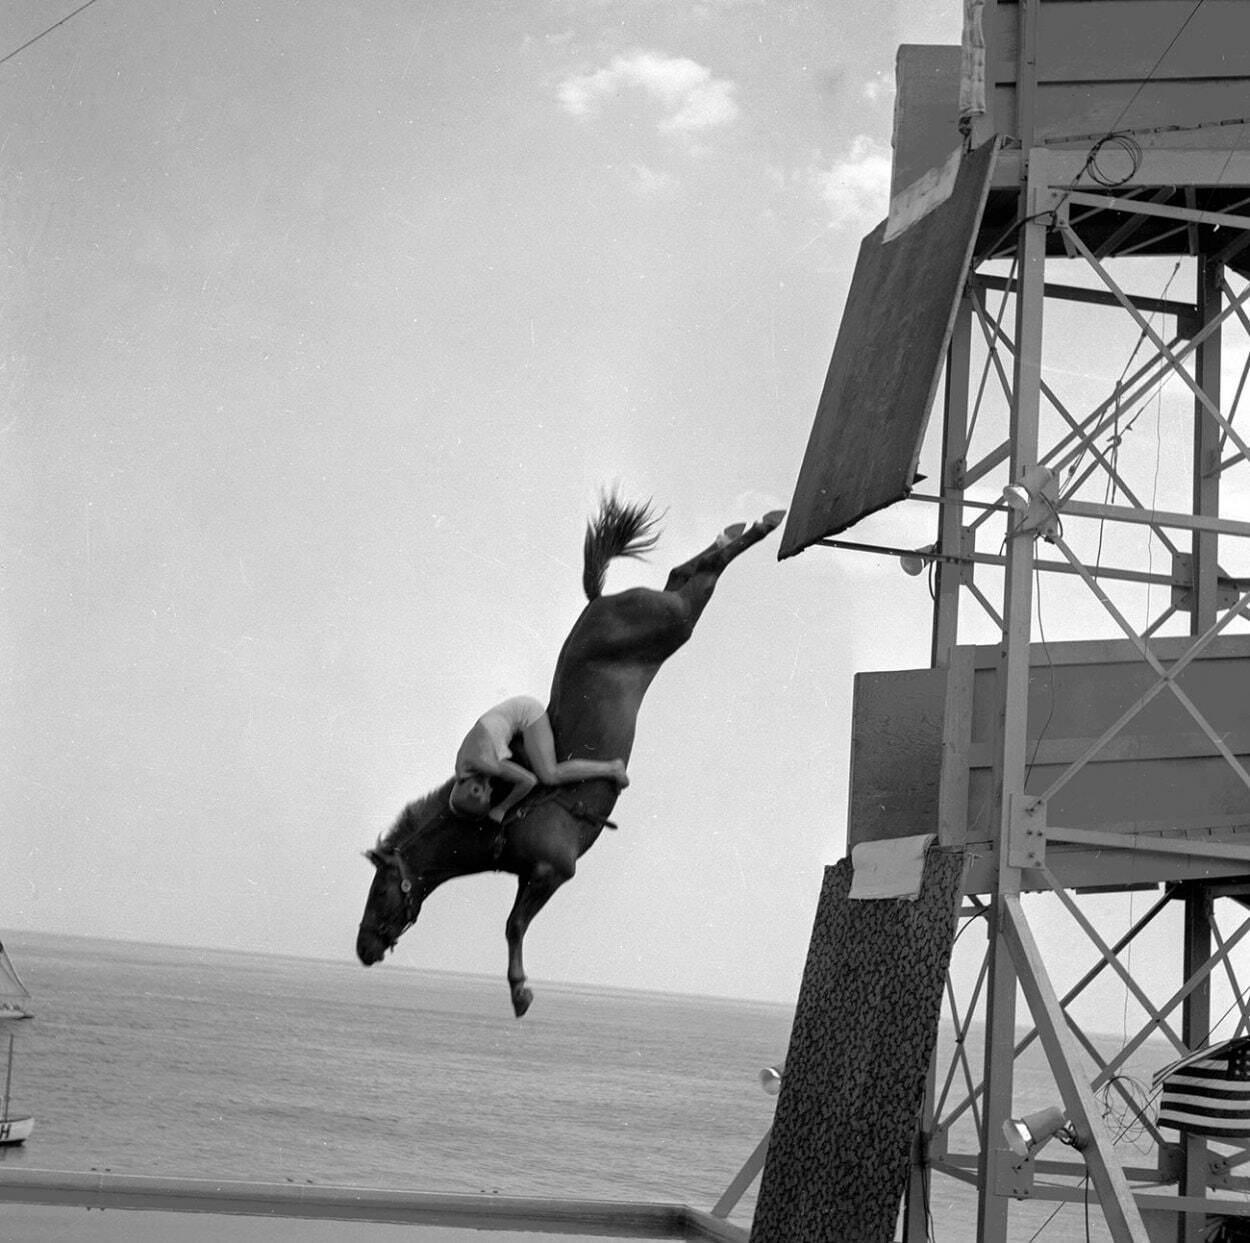 Автором идеи нырять на коне с высоты был американский стоматолог и шоумен Уильям Карвер,